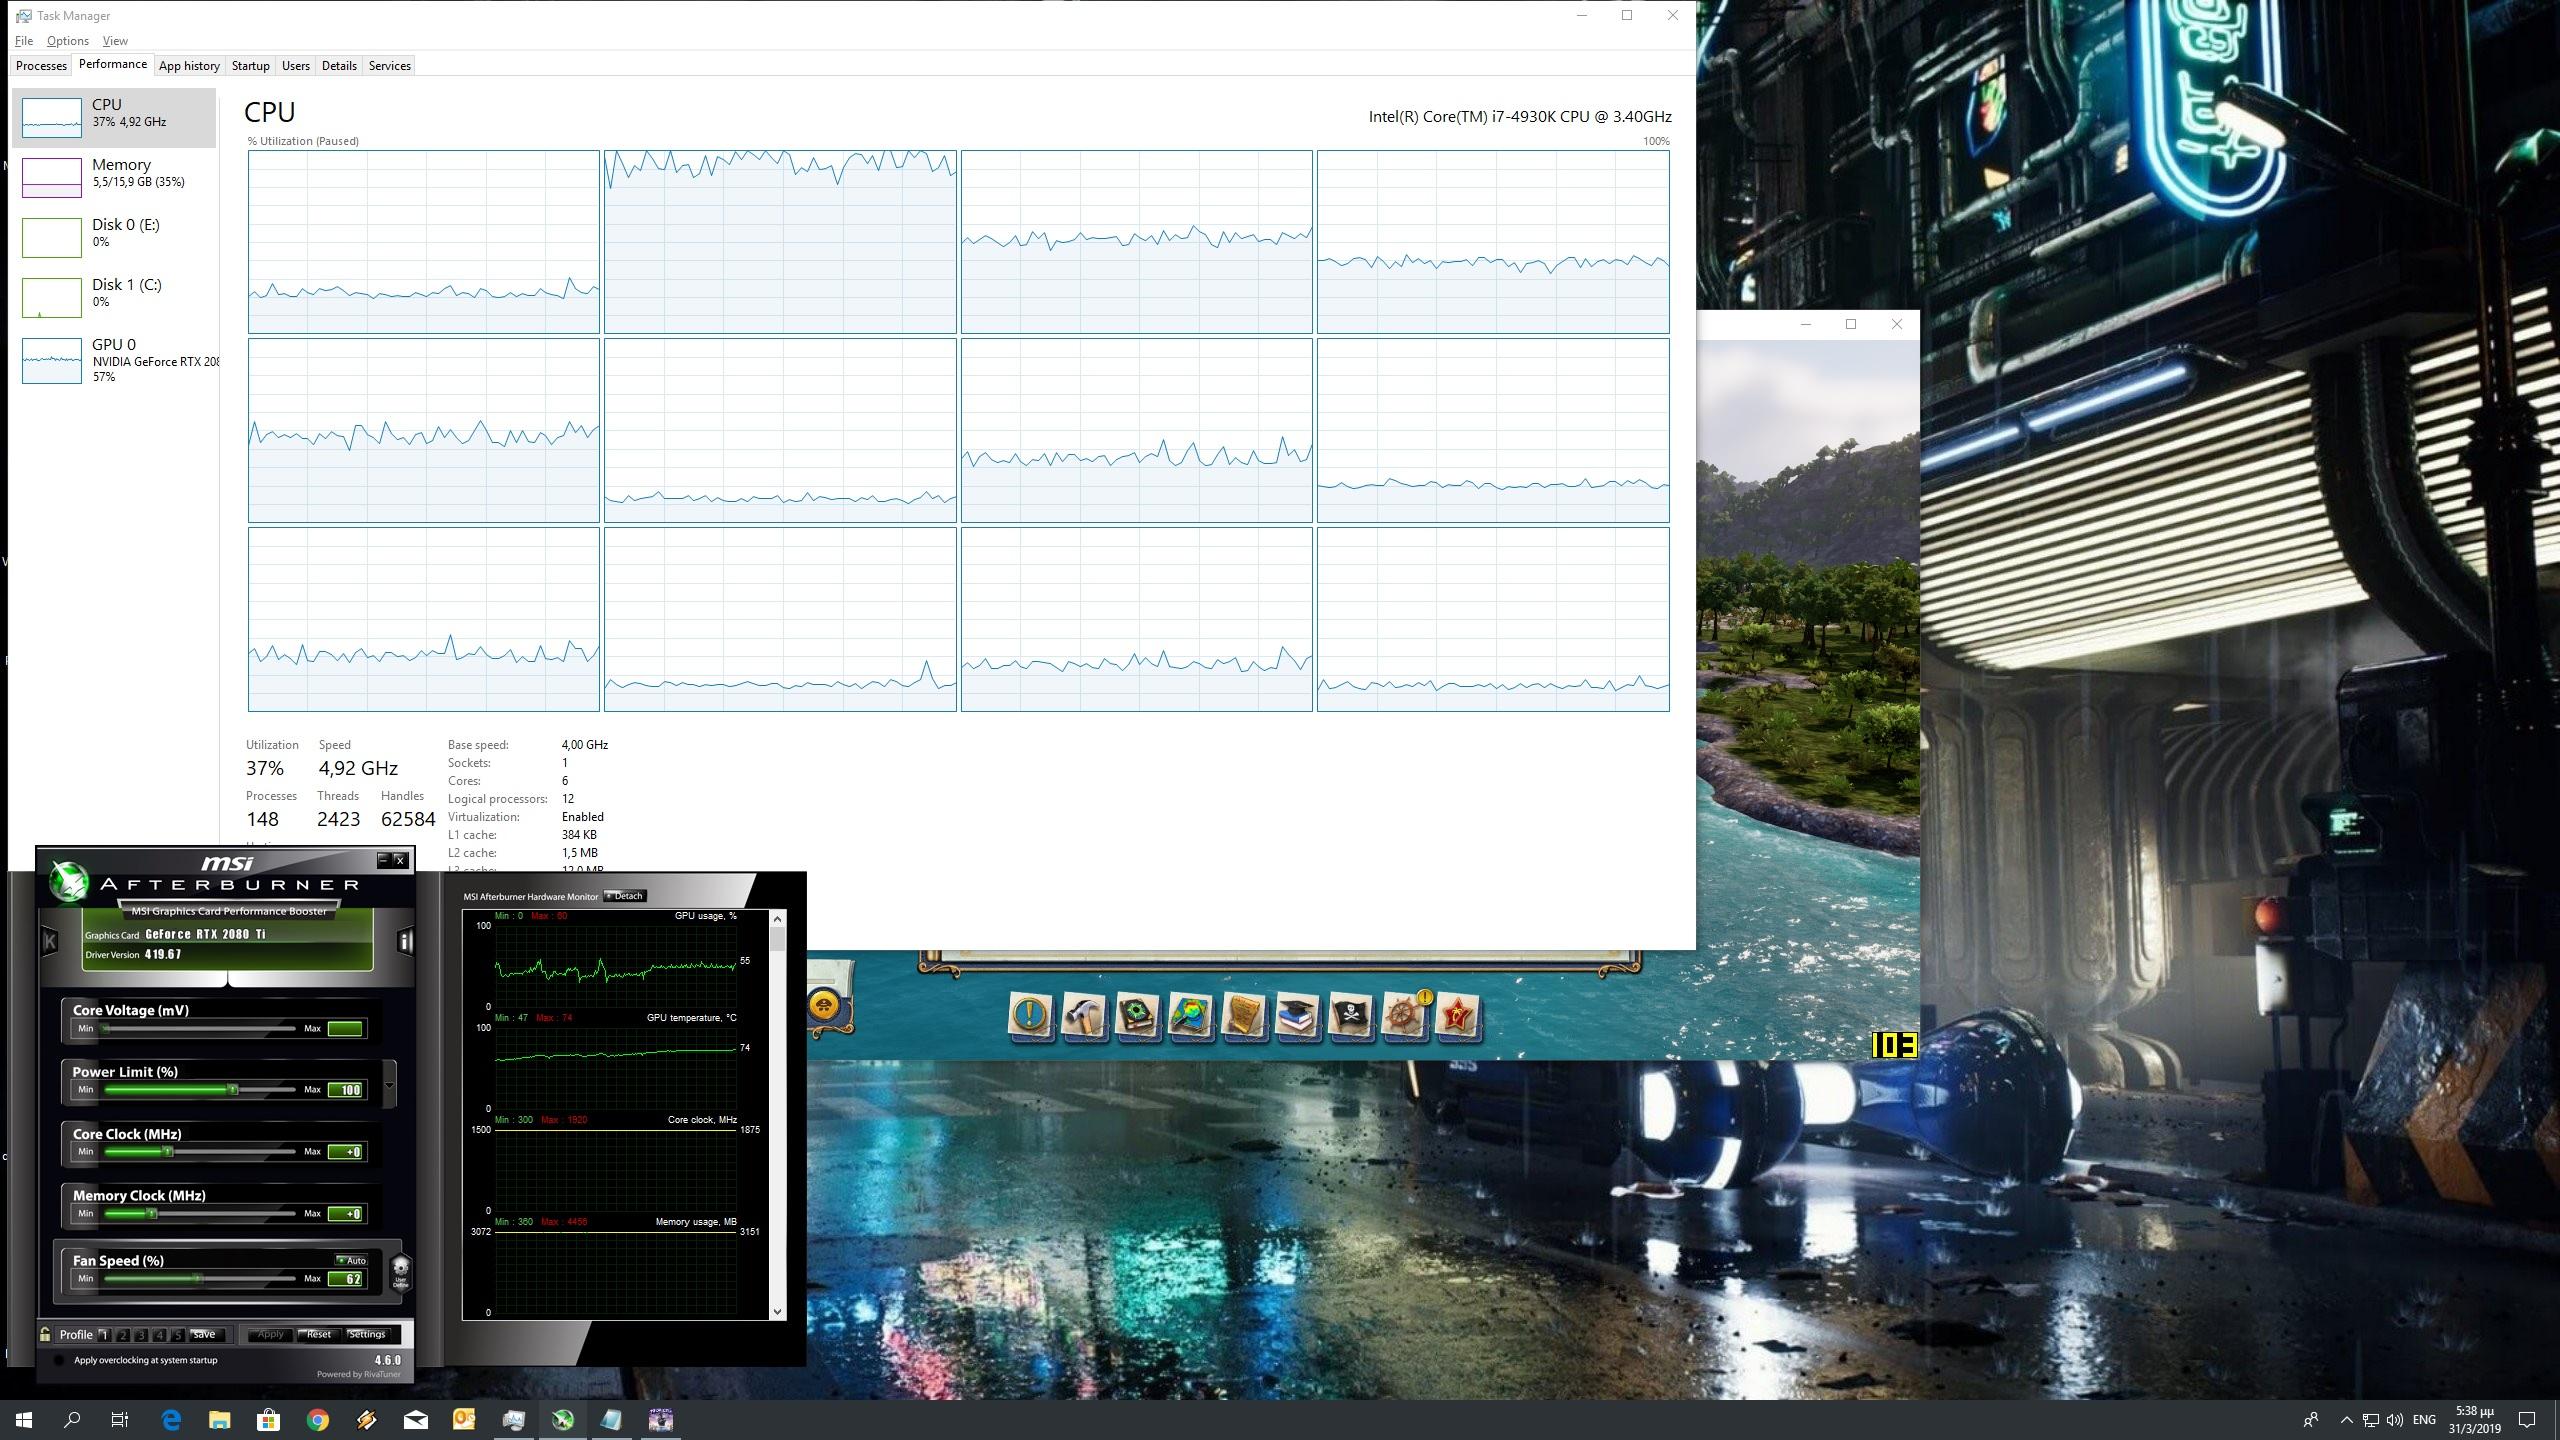 《海岛大亨6》PC性能表现分析 画面不错不吃CPU配置